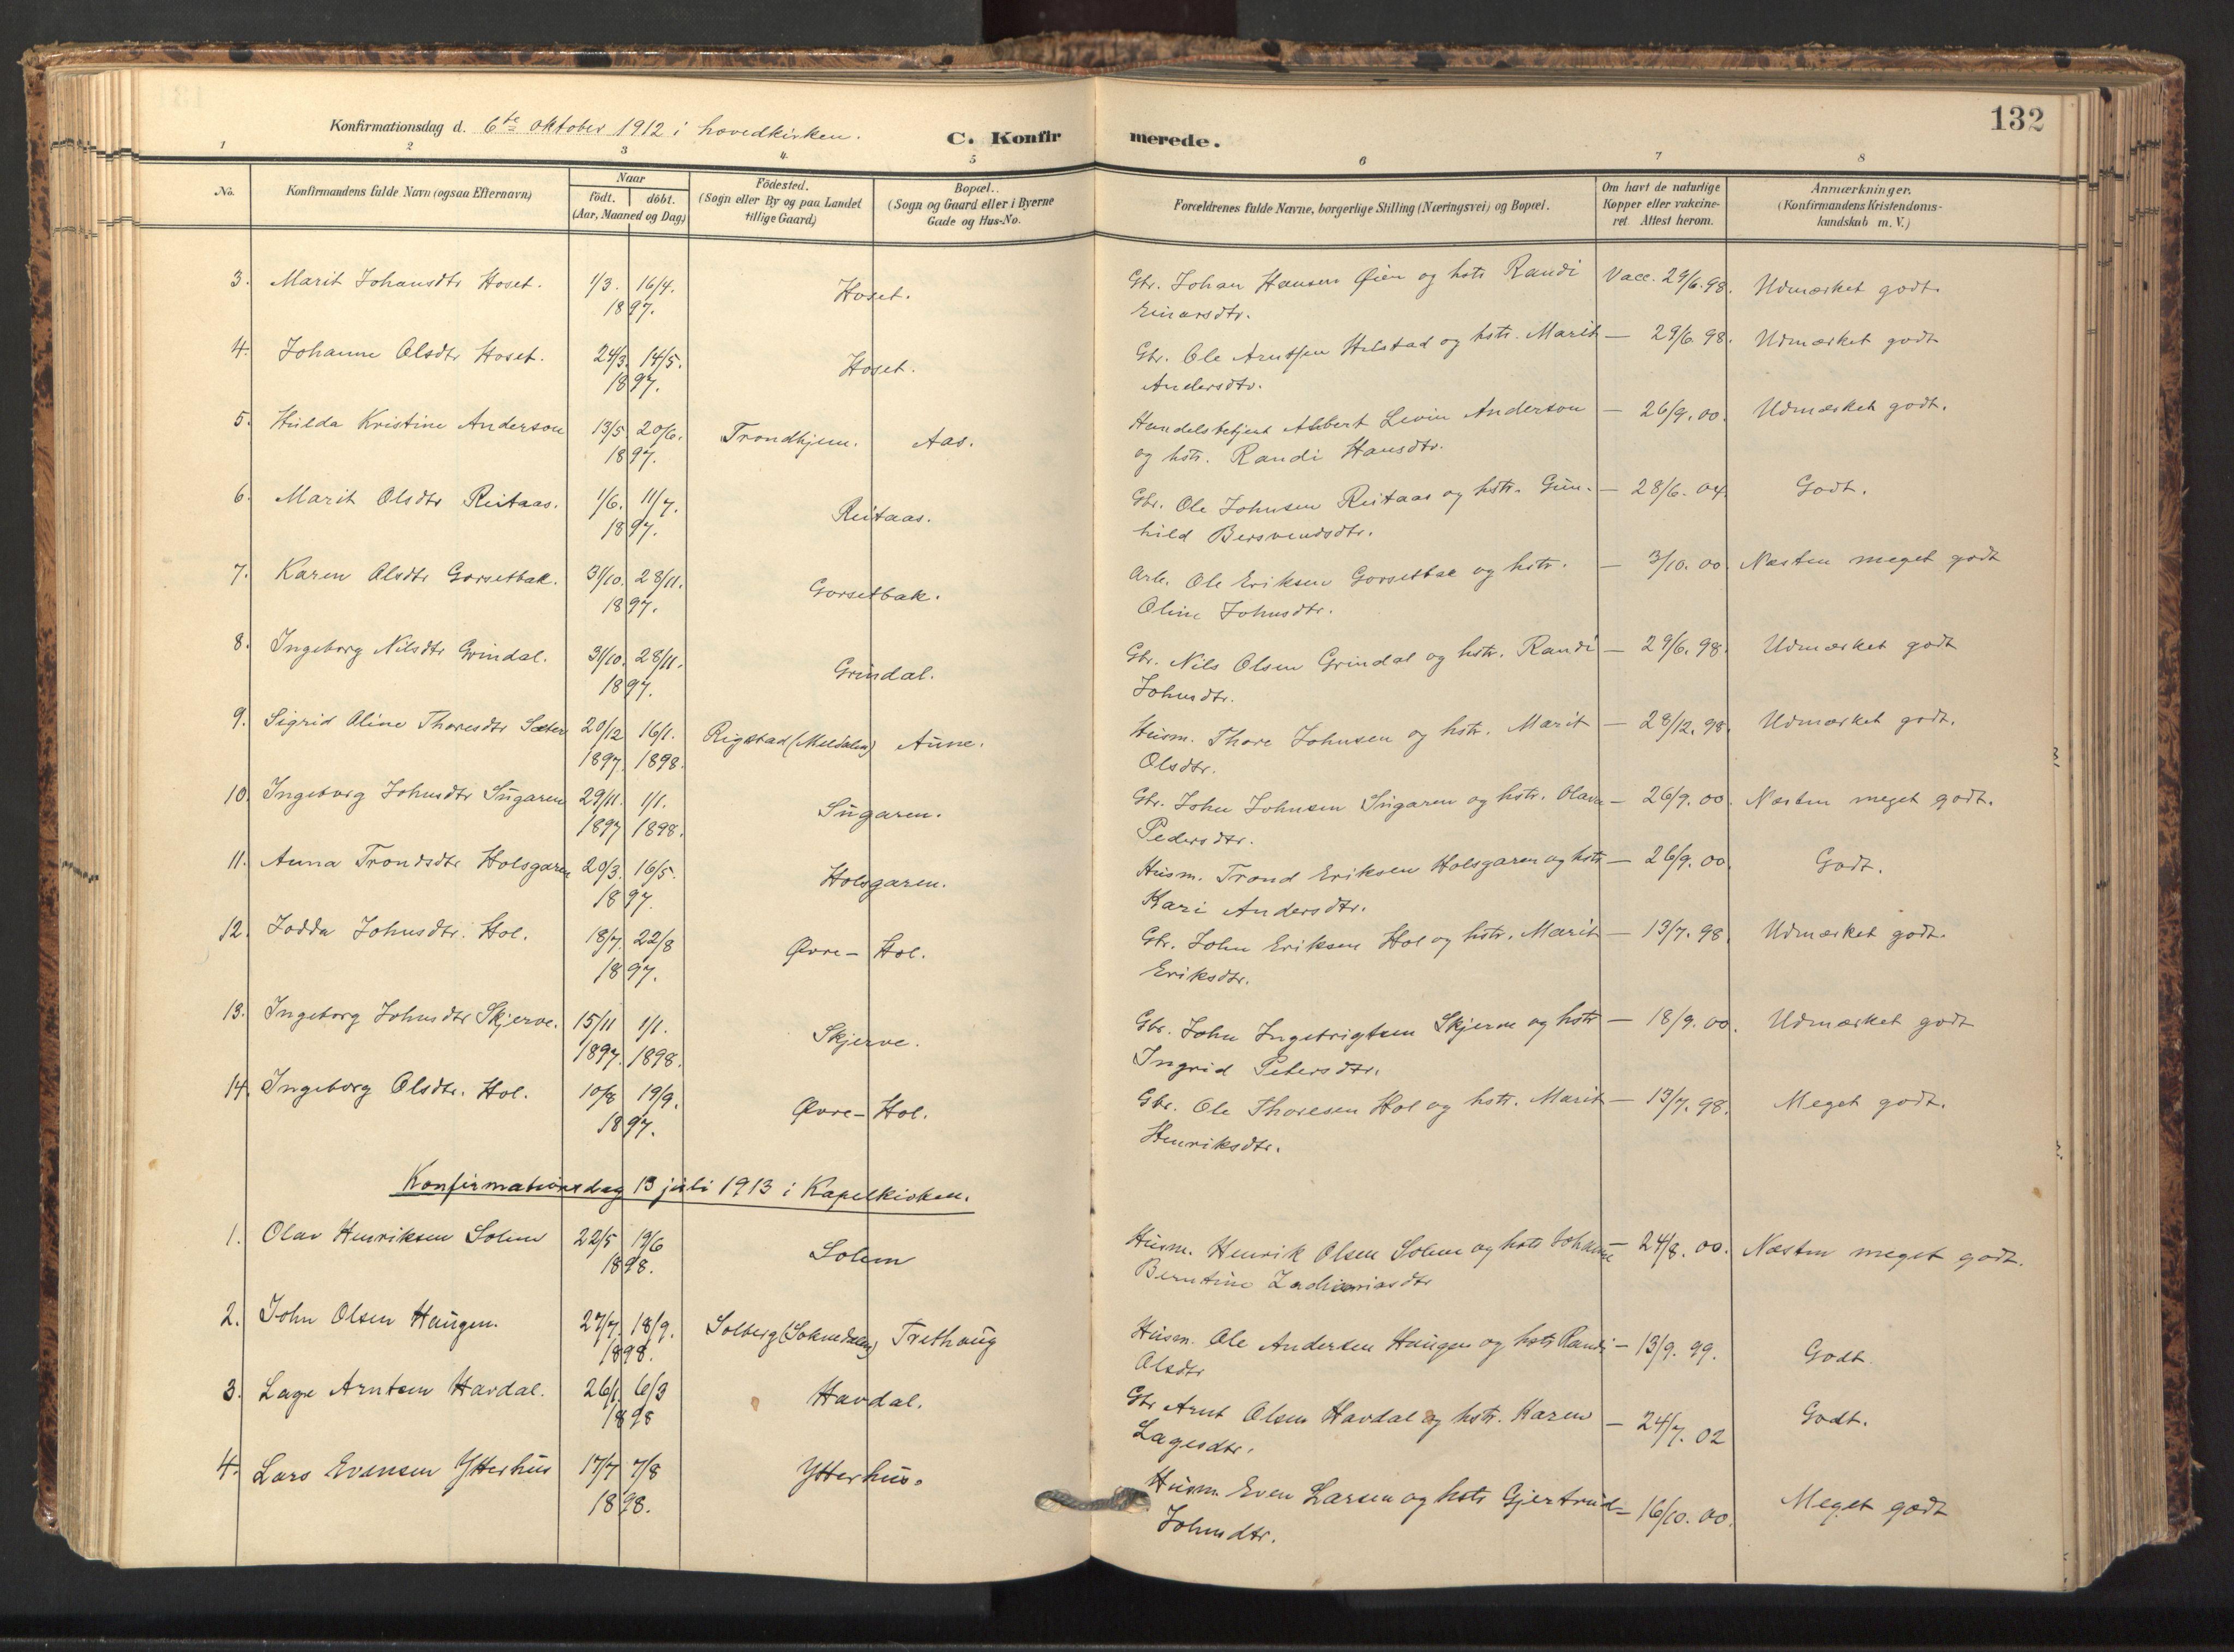 SAT, Ministerialprotokoller, klokkerbøker og fødselsregistre - Sør-Trøndelag, 674/L0873: Ministerialbok nr. 674A05, 1908-1923, s. 132